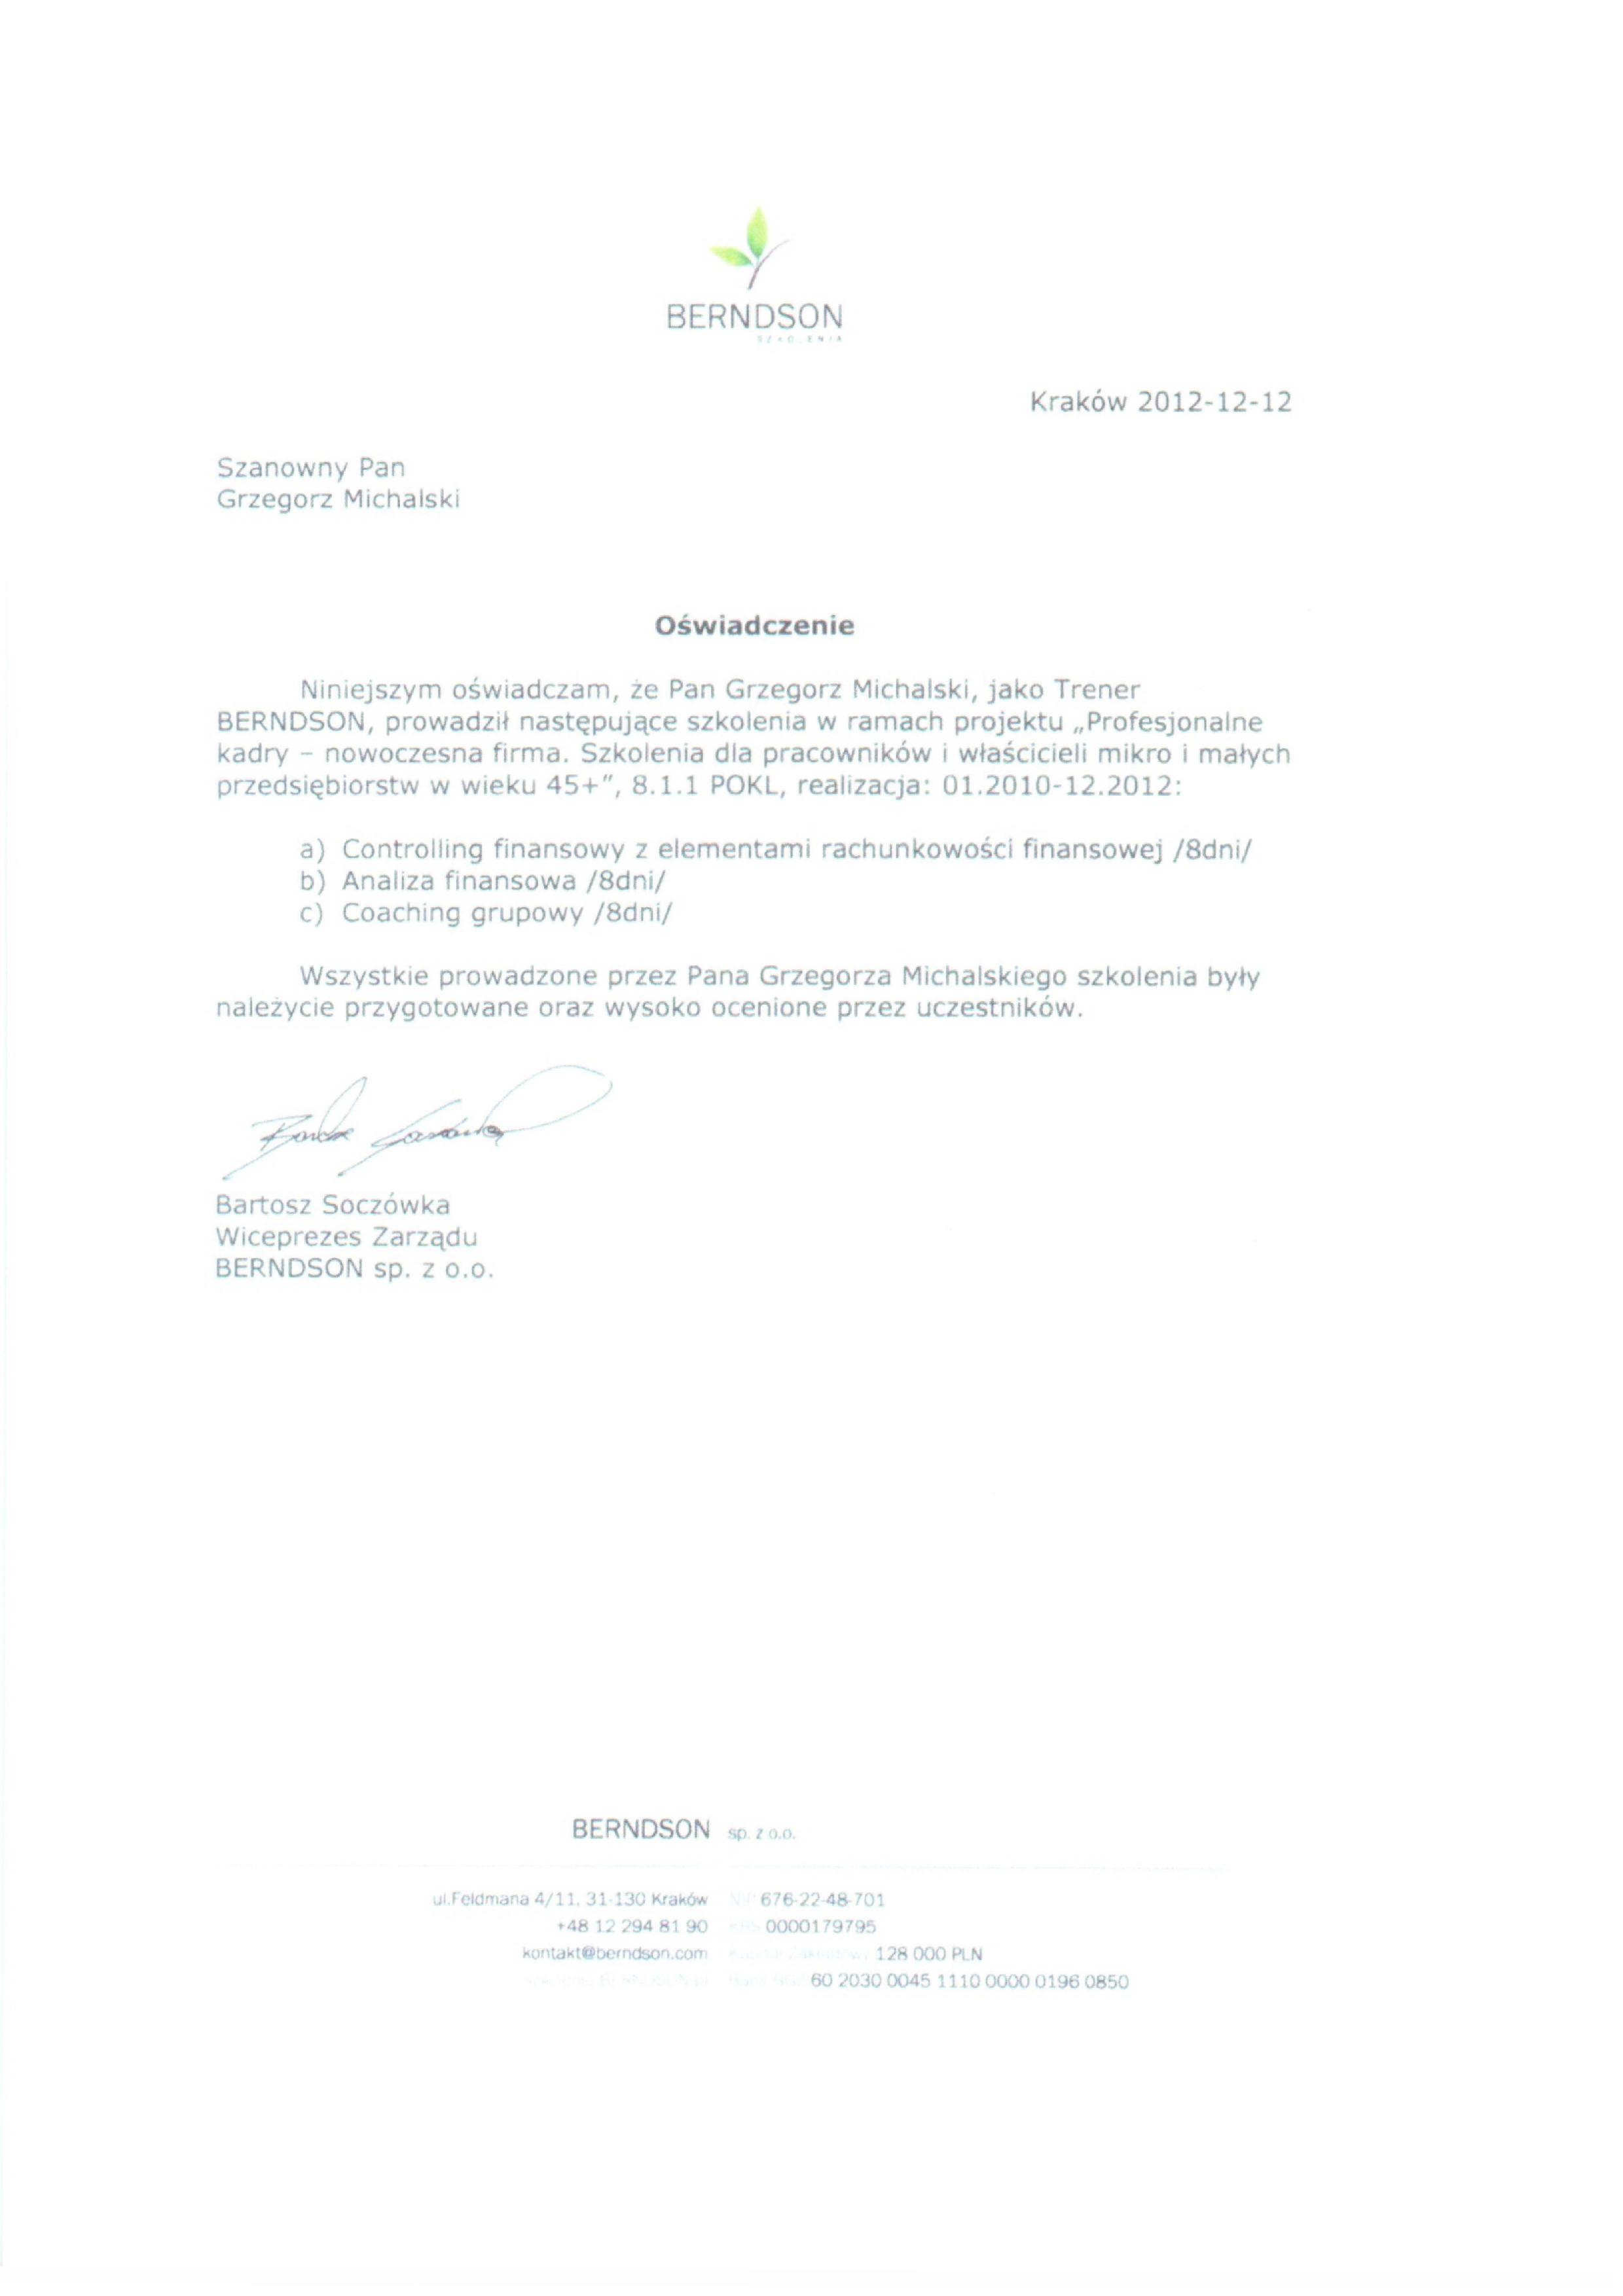 Referencje-michalski-grzegorz-Controlling-Finansowy-CF2012Poznan.jpg?=szkolenia